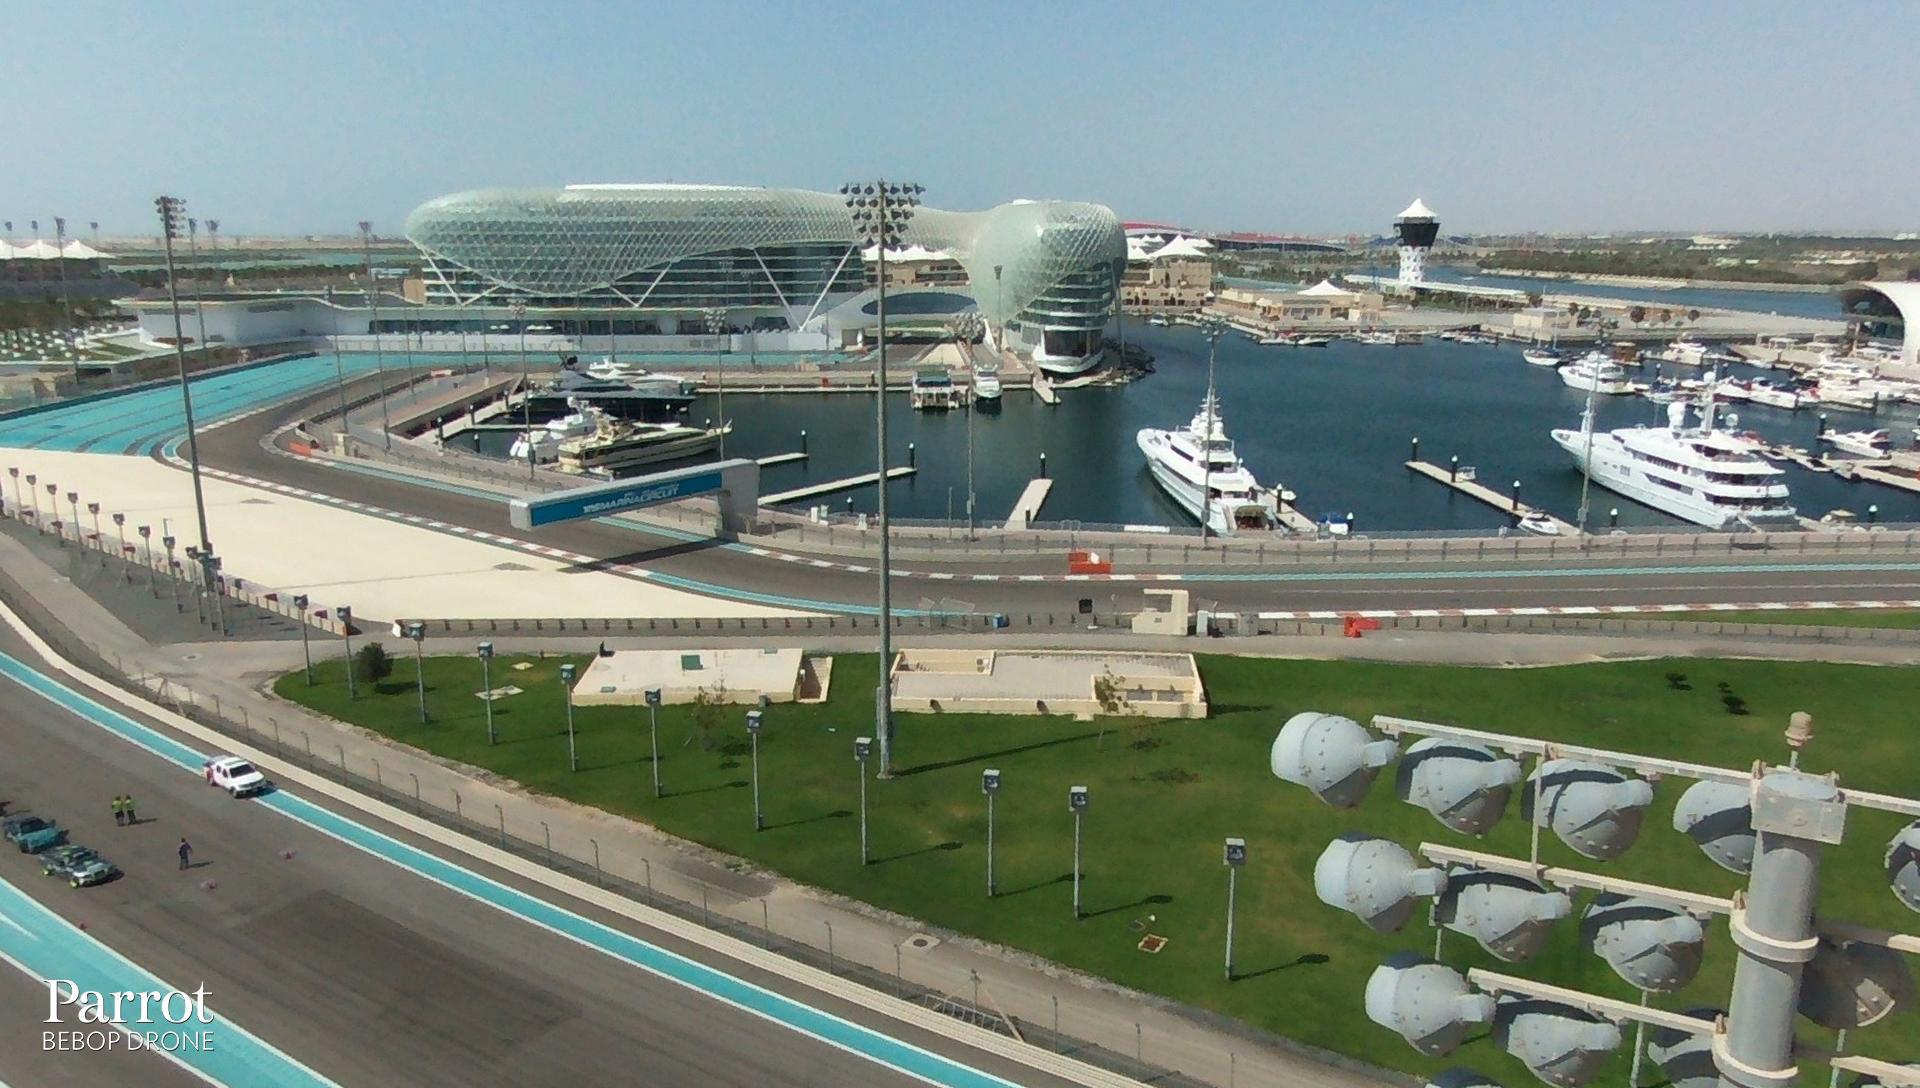 yas Marina Circuit, Abu Dhabi, Emirates